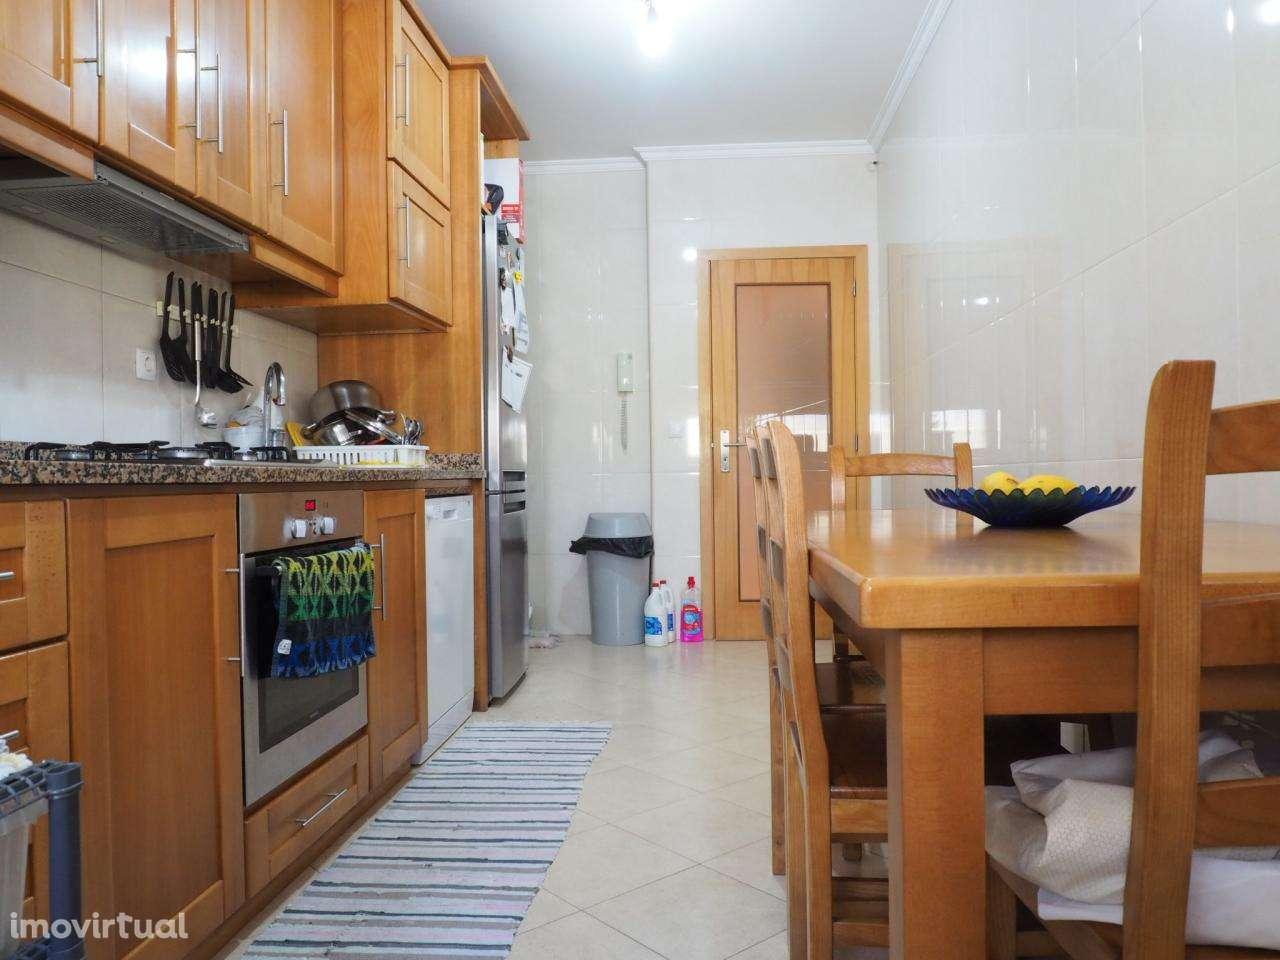 Moradia para comprar, Baguim do Monte, Gondomar, Porto - Foto 4